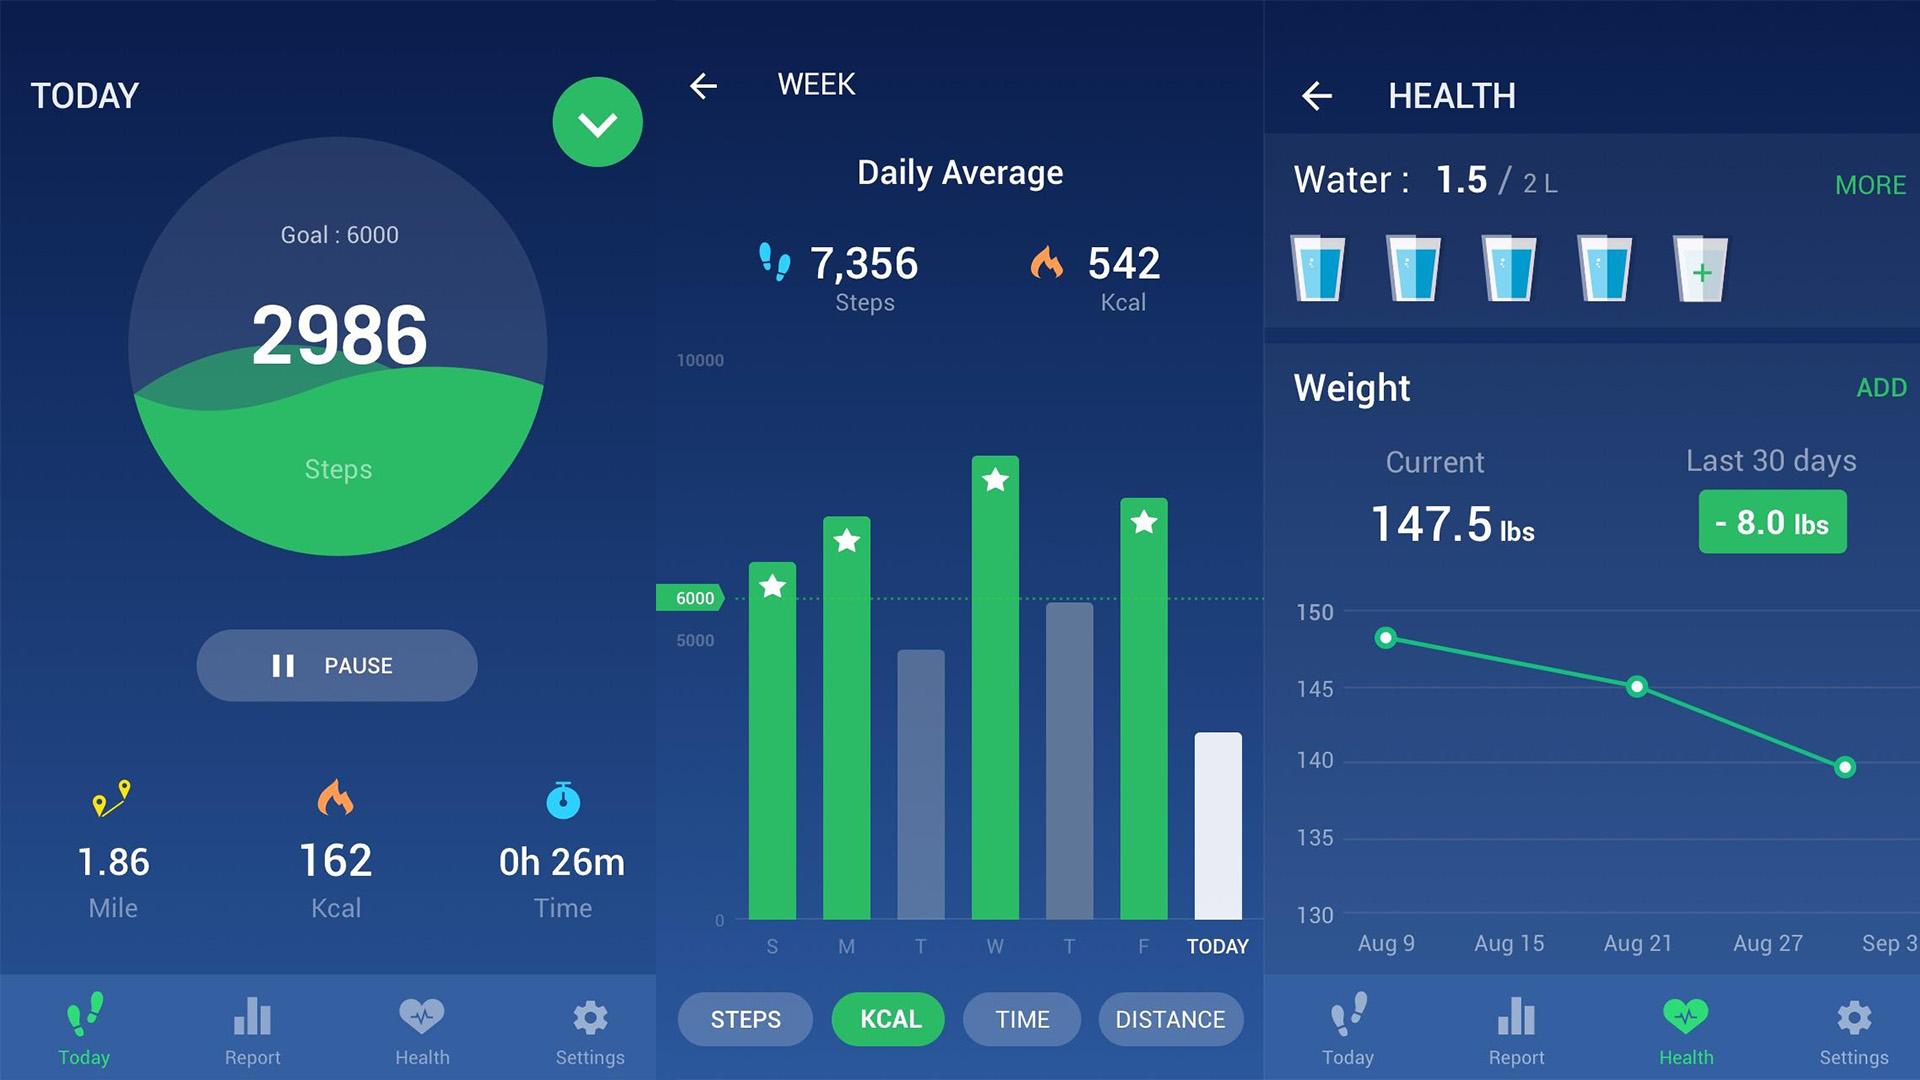 Leap Fitness Step Counter screenshot 2020